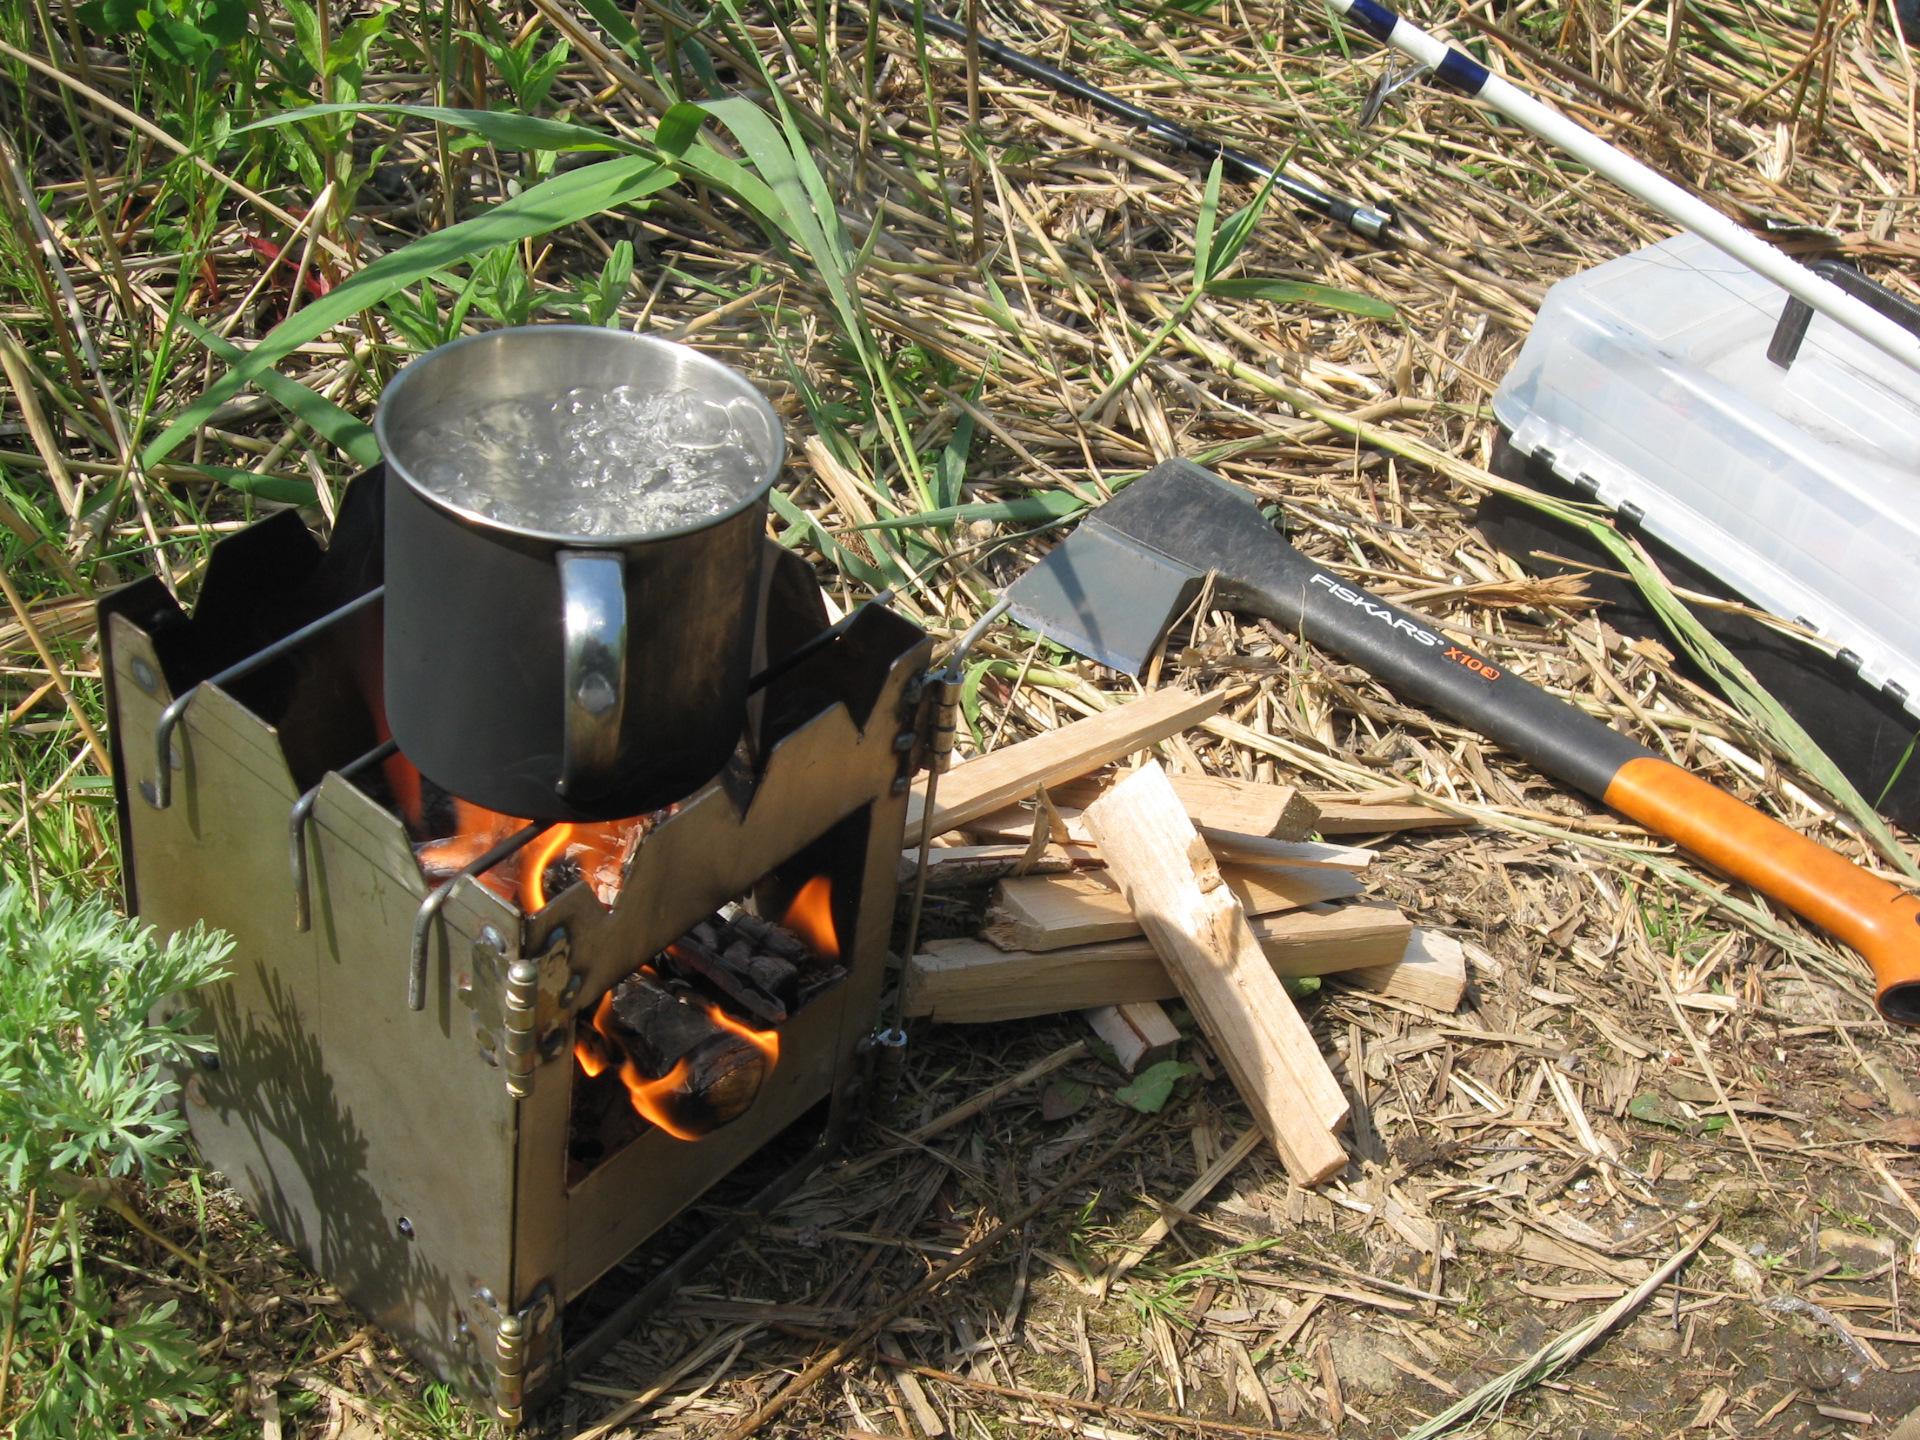 Как делается походная печка своими руками: чертежи и описание